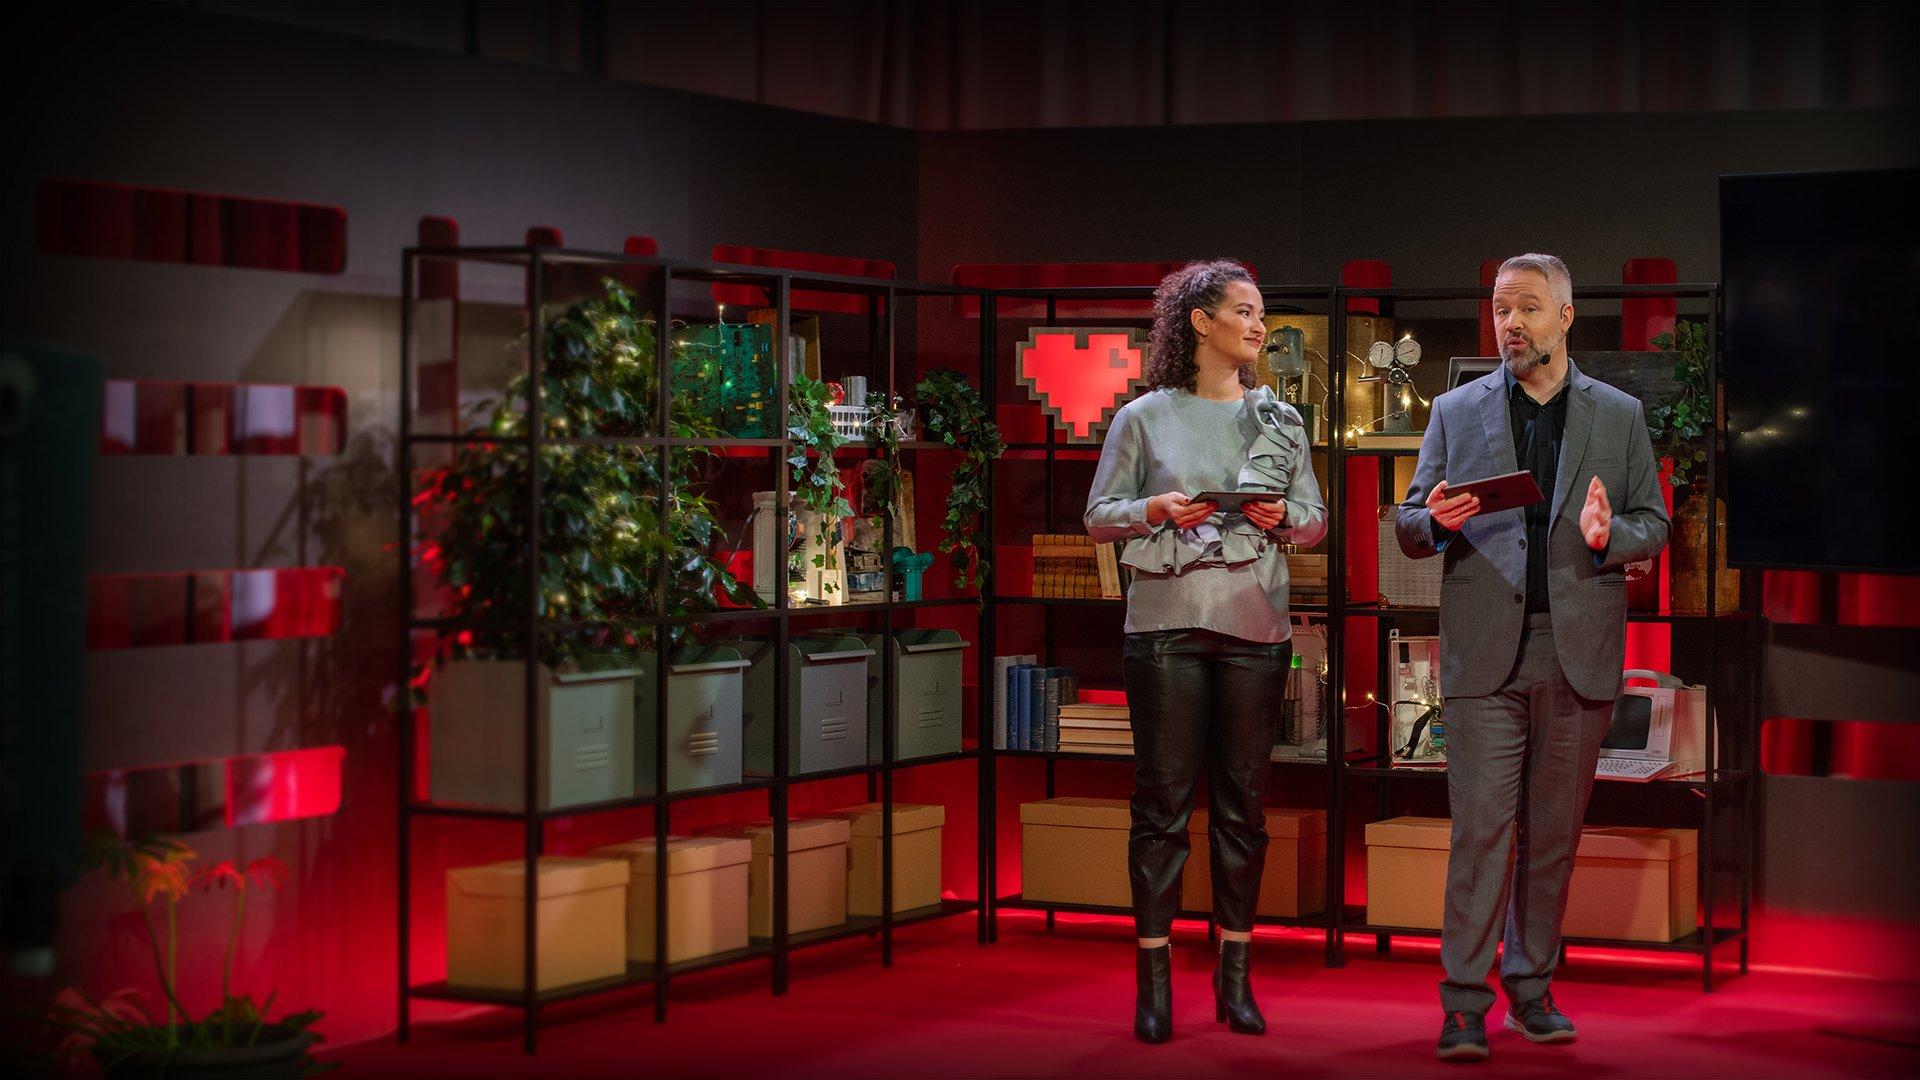 Aisha Mossberg och Måns Jonasson i studion från Internetdagarna